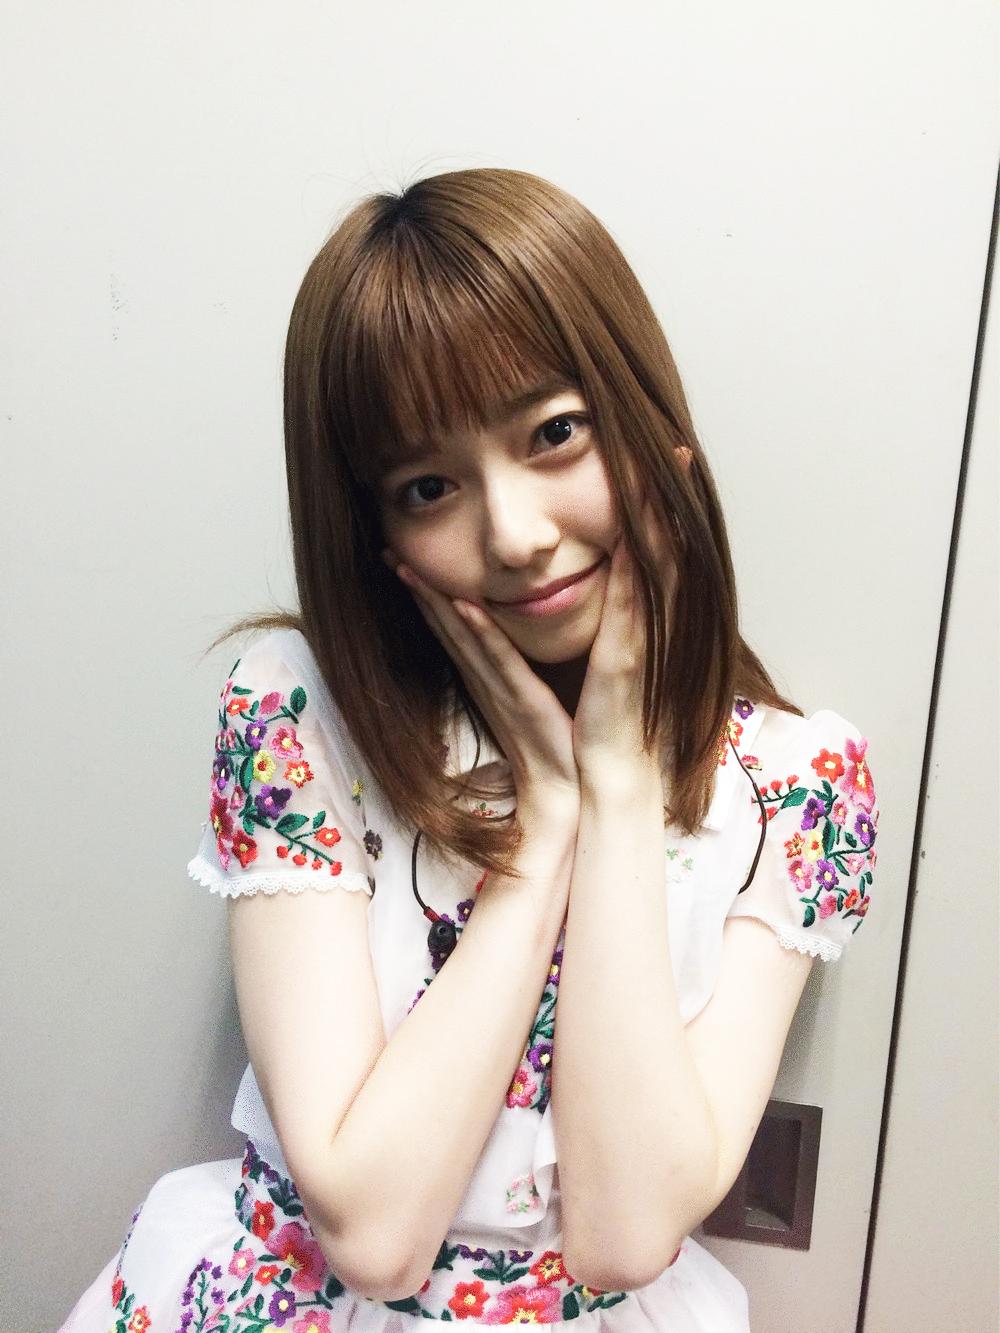 可愛いポーズの島崎遥香